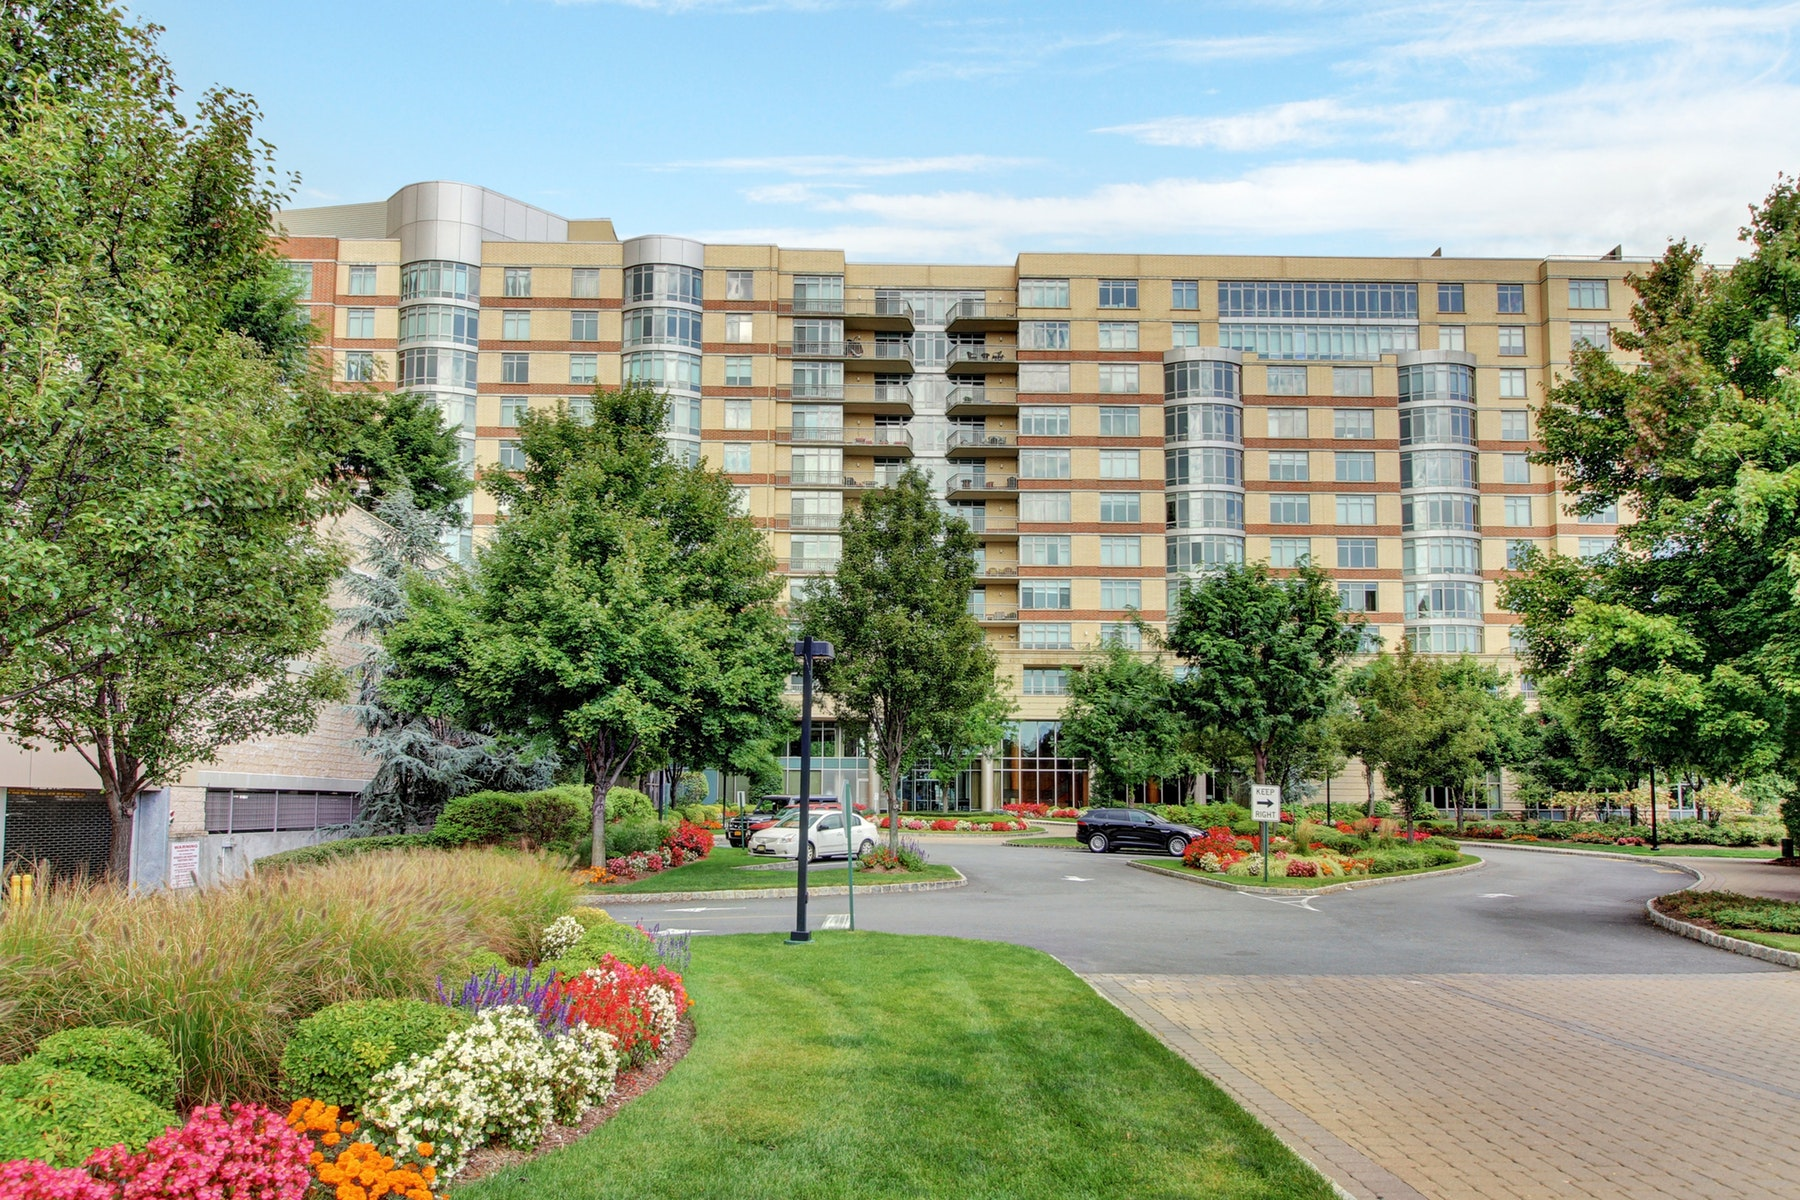 Condomínio para Venda às The Watermark 8100 River Road #1005, North Bergen, Nova Jersey 07047 Estados Unidos